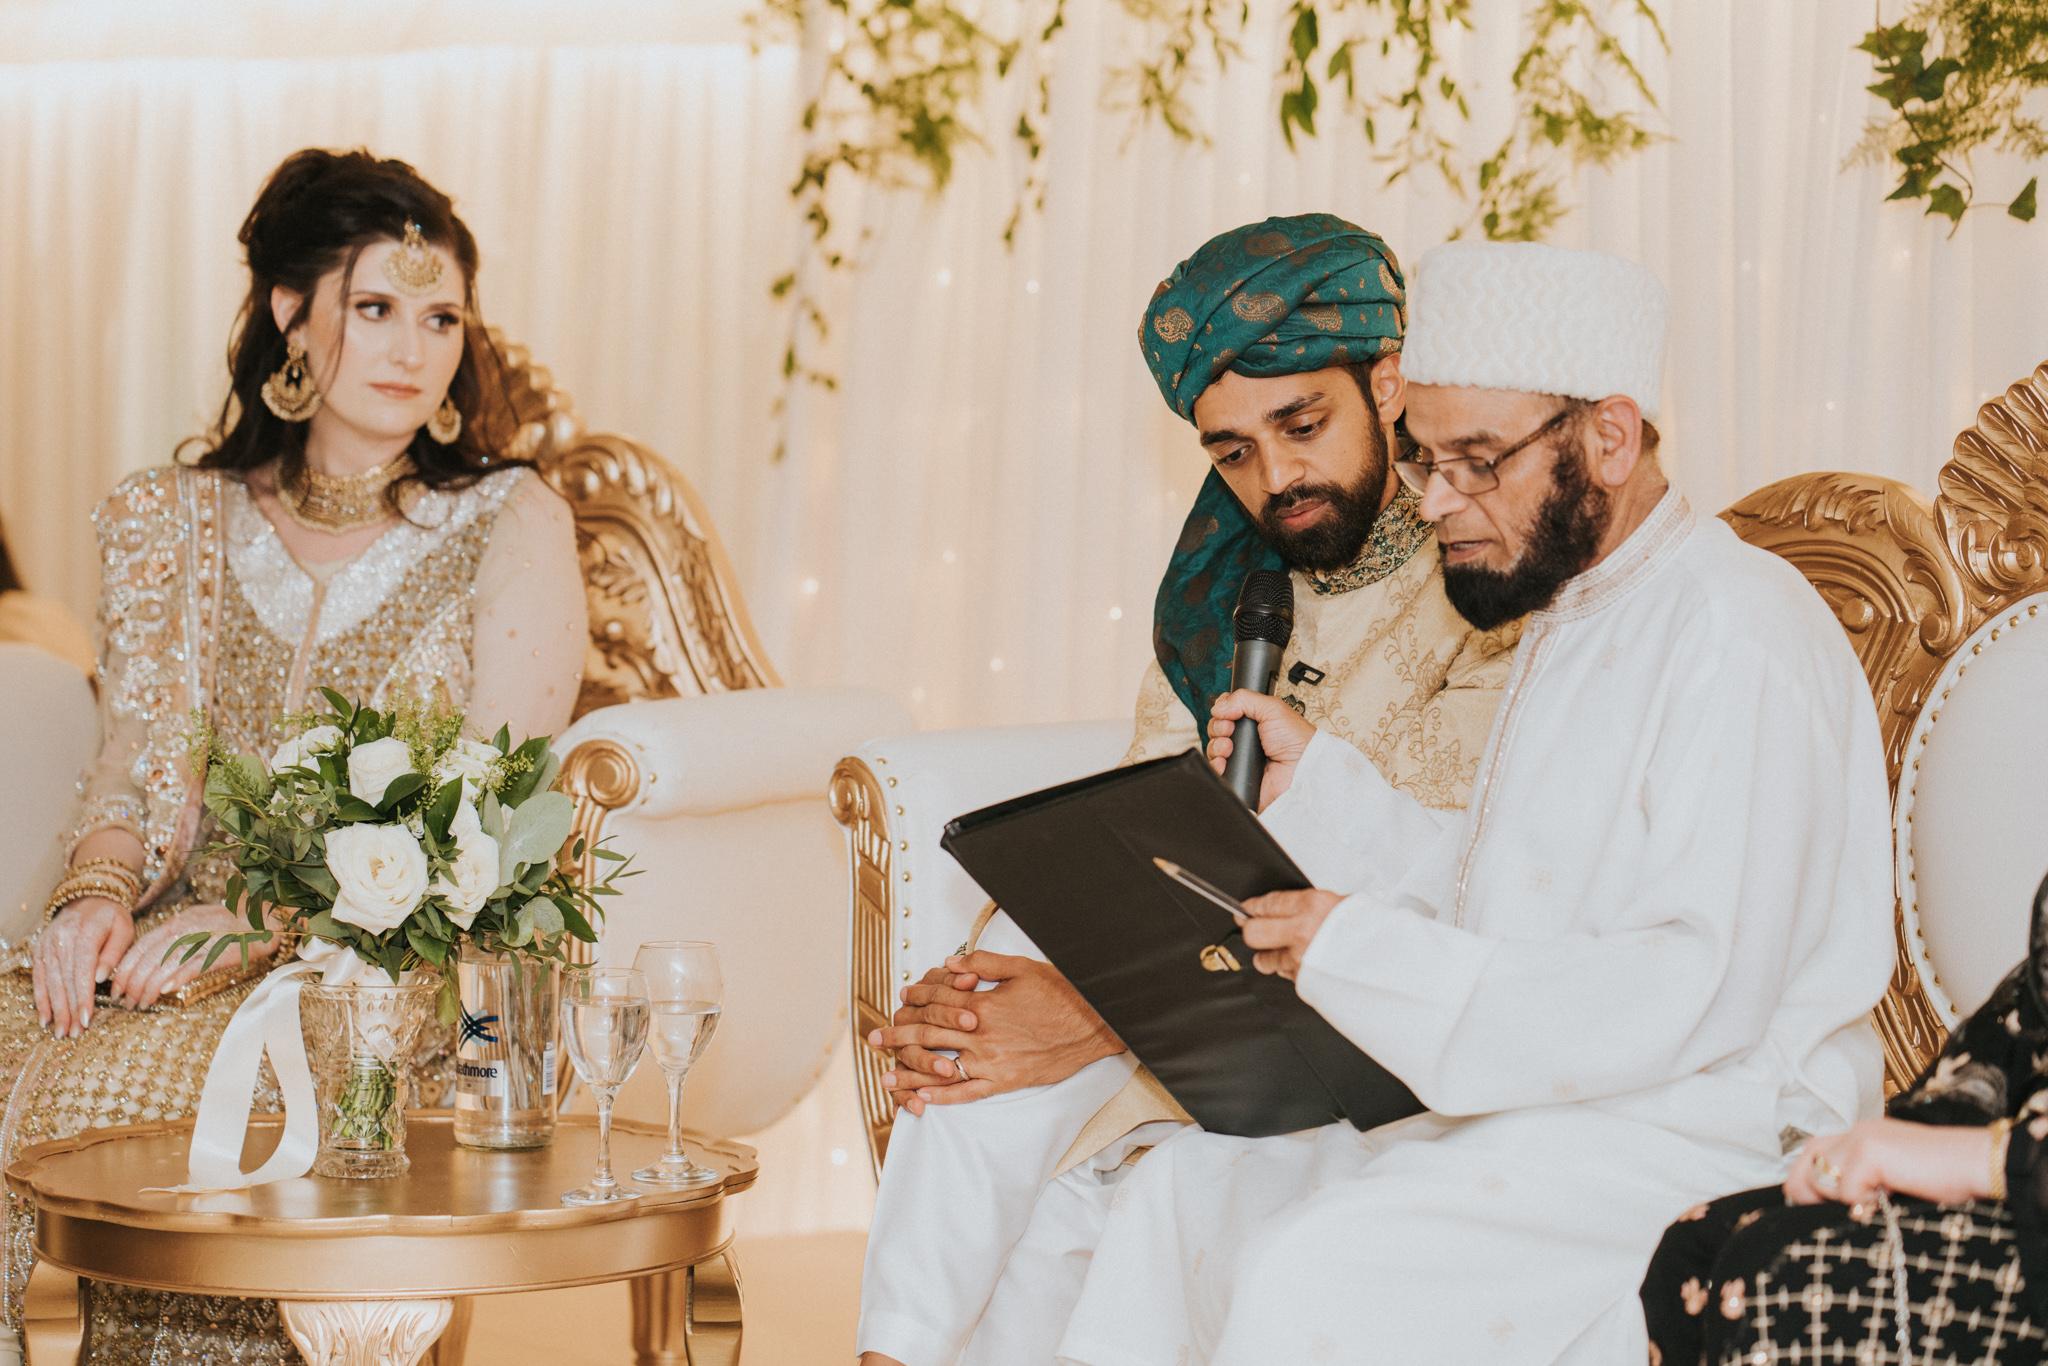 lizzie-faz-fennes-asian-fusion-wedding-grace-elizabeth-colchester-essex-alternative-wedding-lifestyle-photographer-essex-suffolk-norfolk-devon (49 of 55).jpg